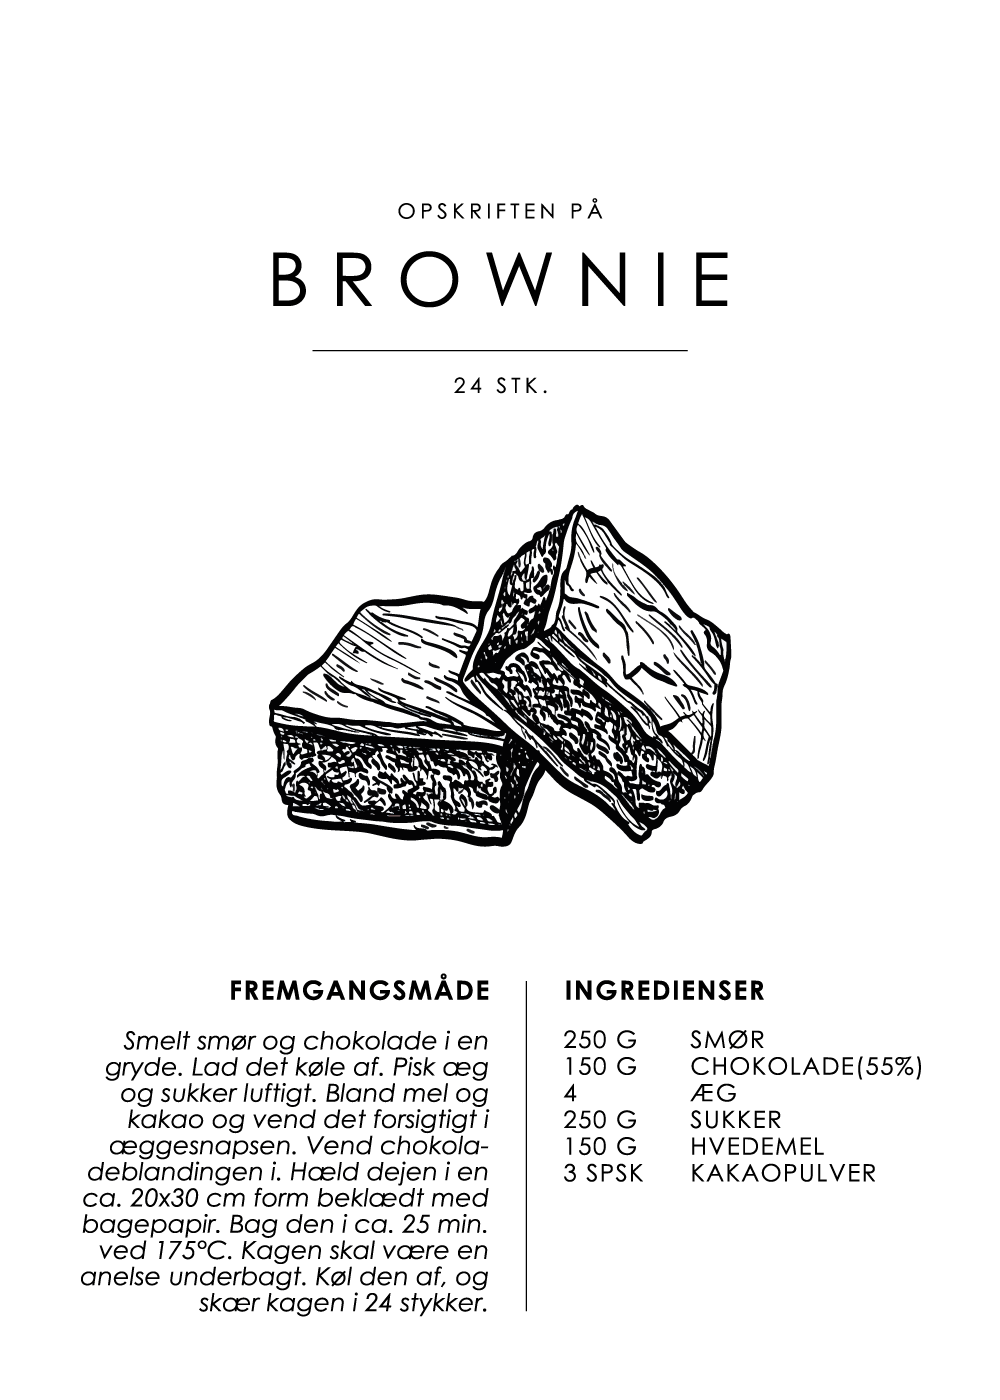 Billede af Brownie opskrift - Kage guide plakat